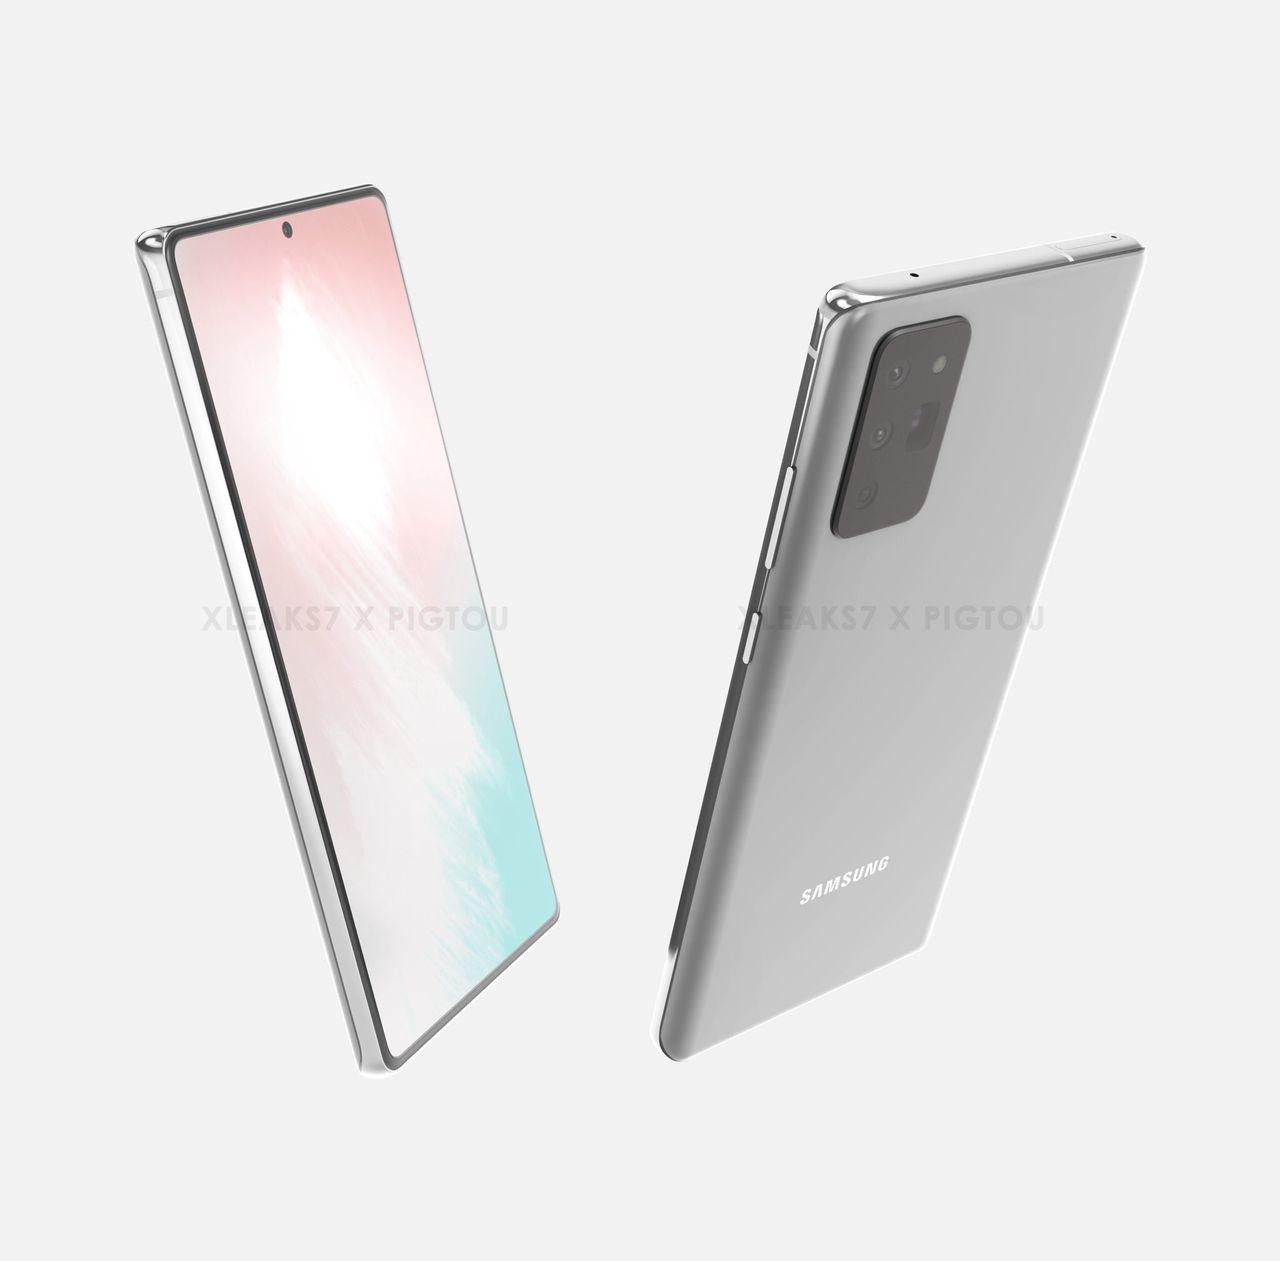 Samsung Galaxy Note 20 ryktas visas upp 5 augusti